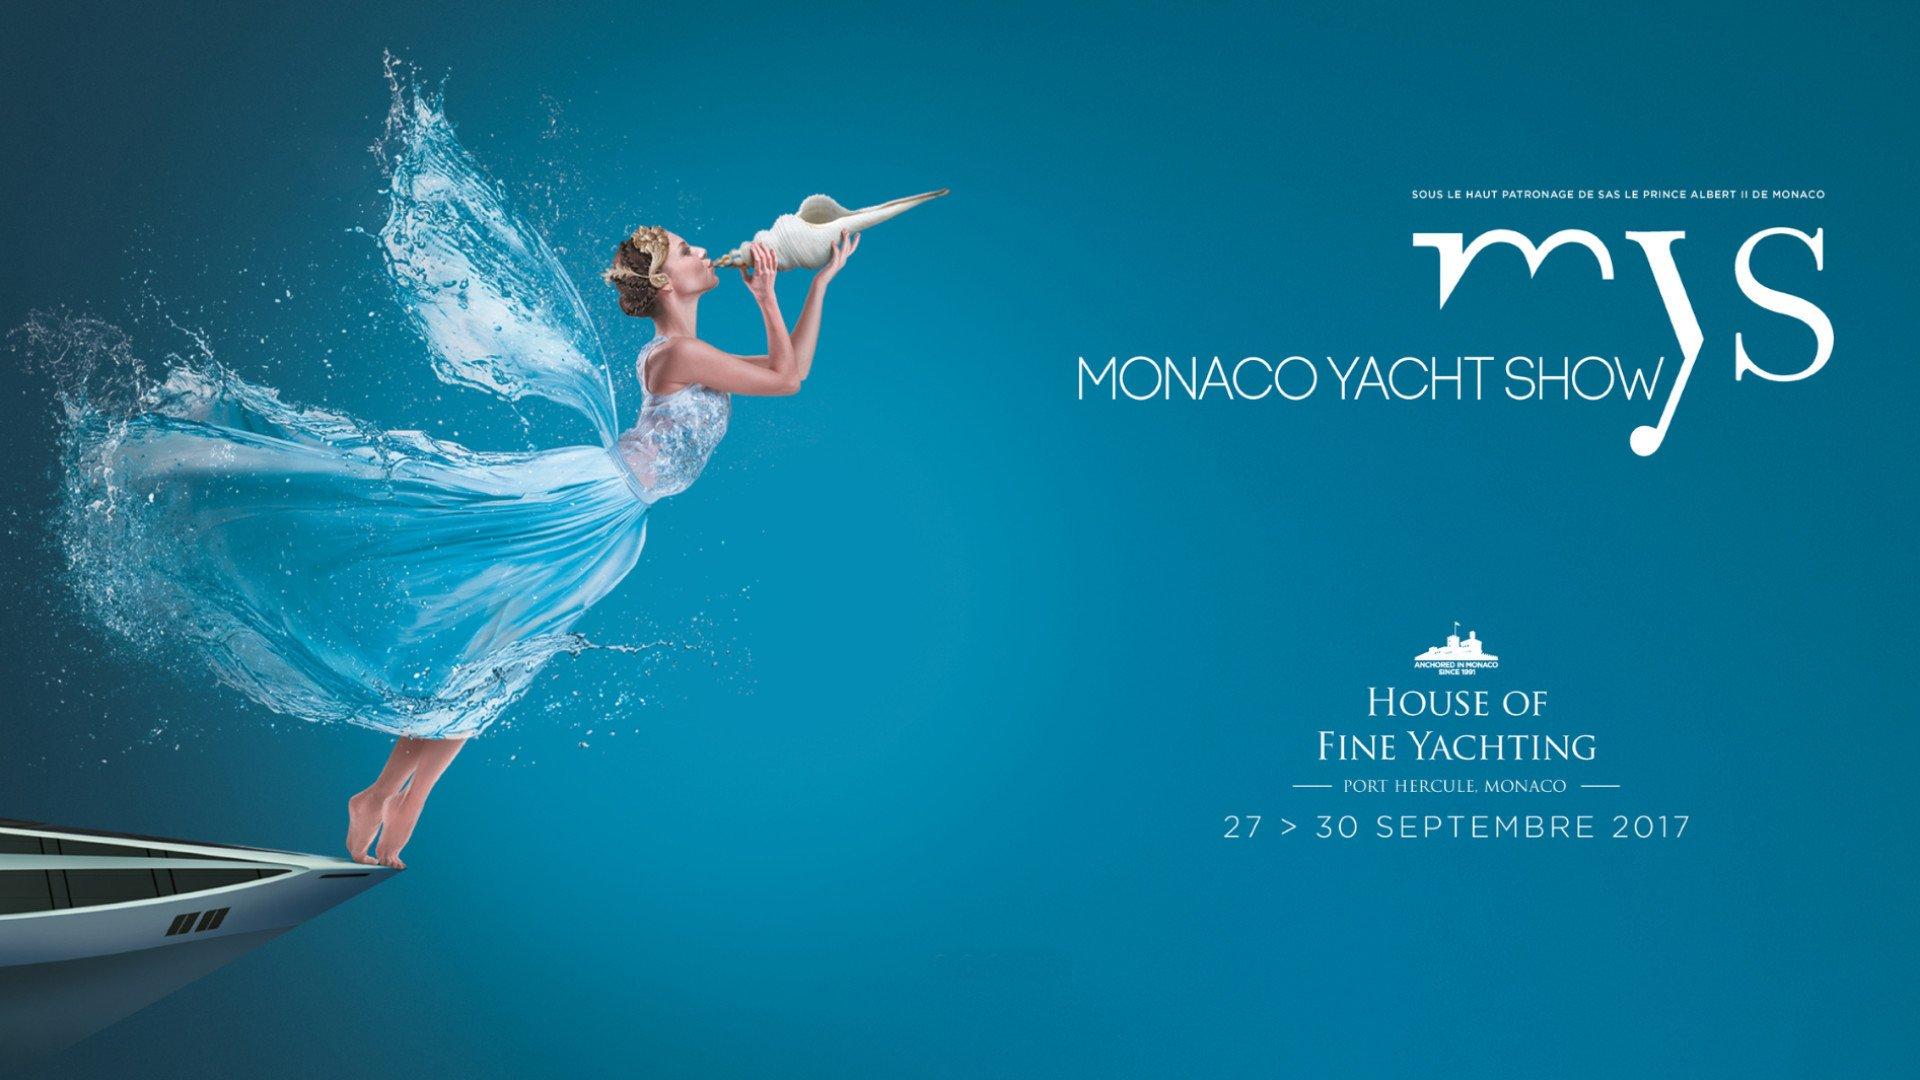 Monaco Yacht Show 2017 Bolidt